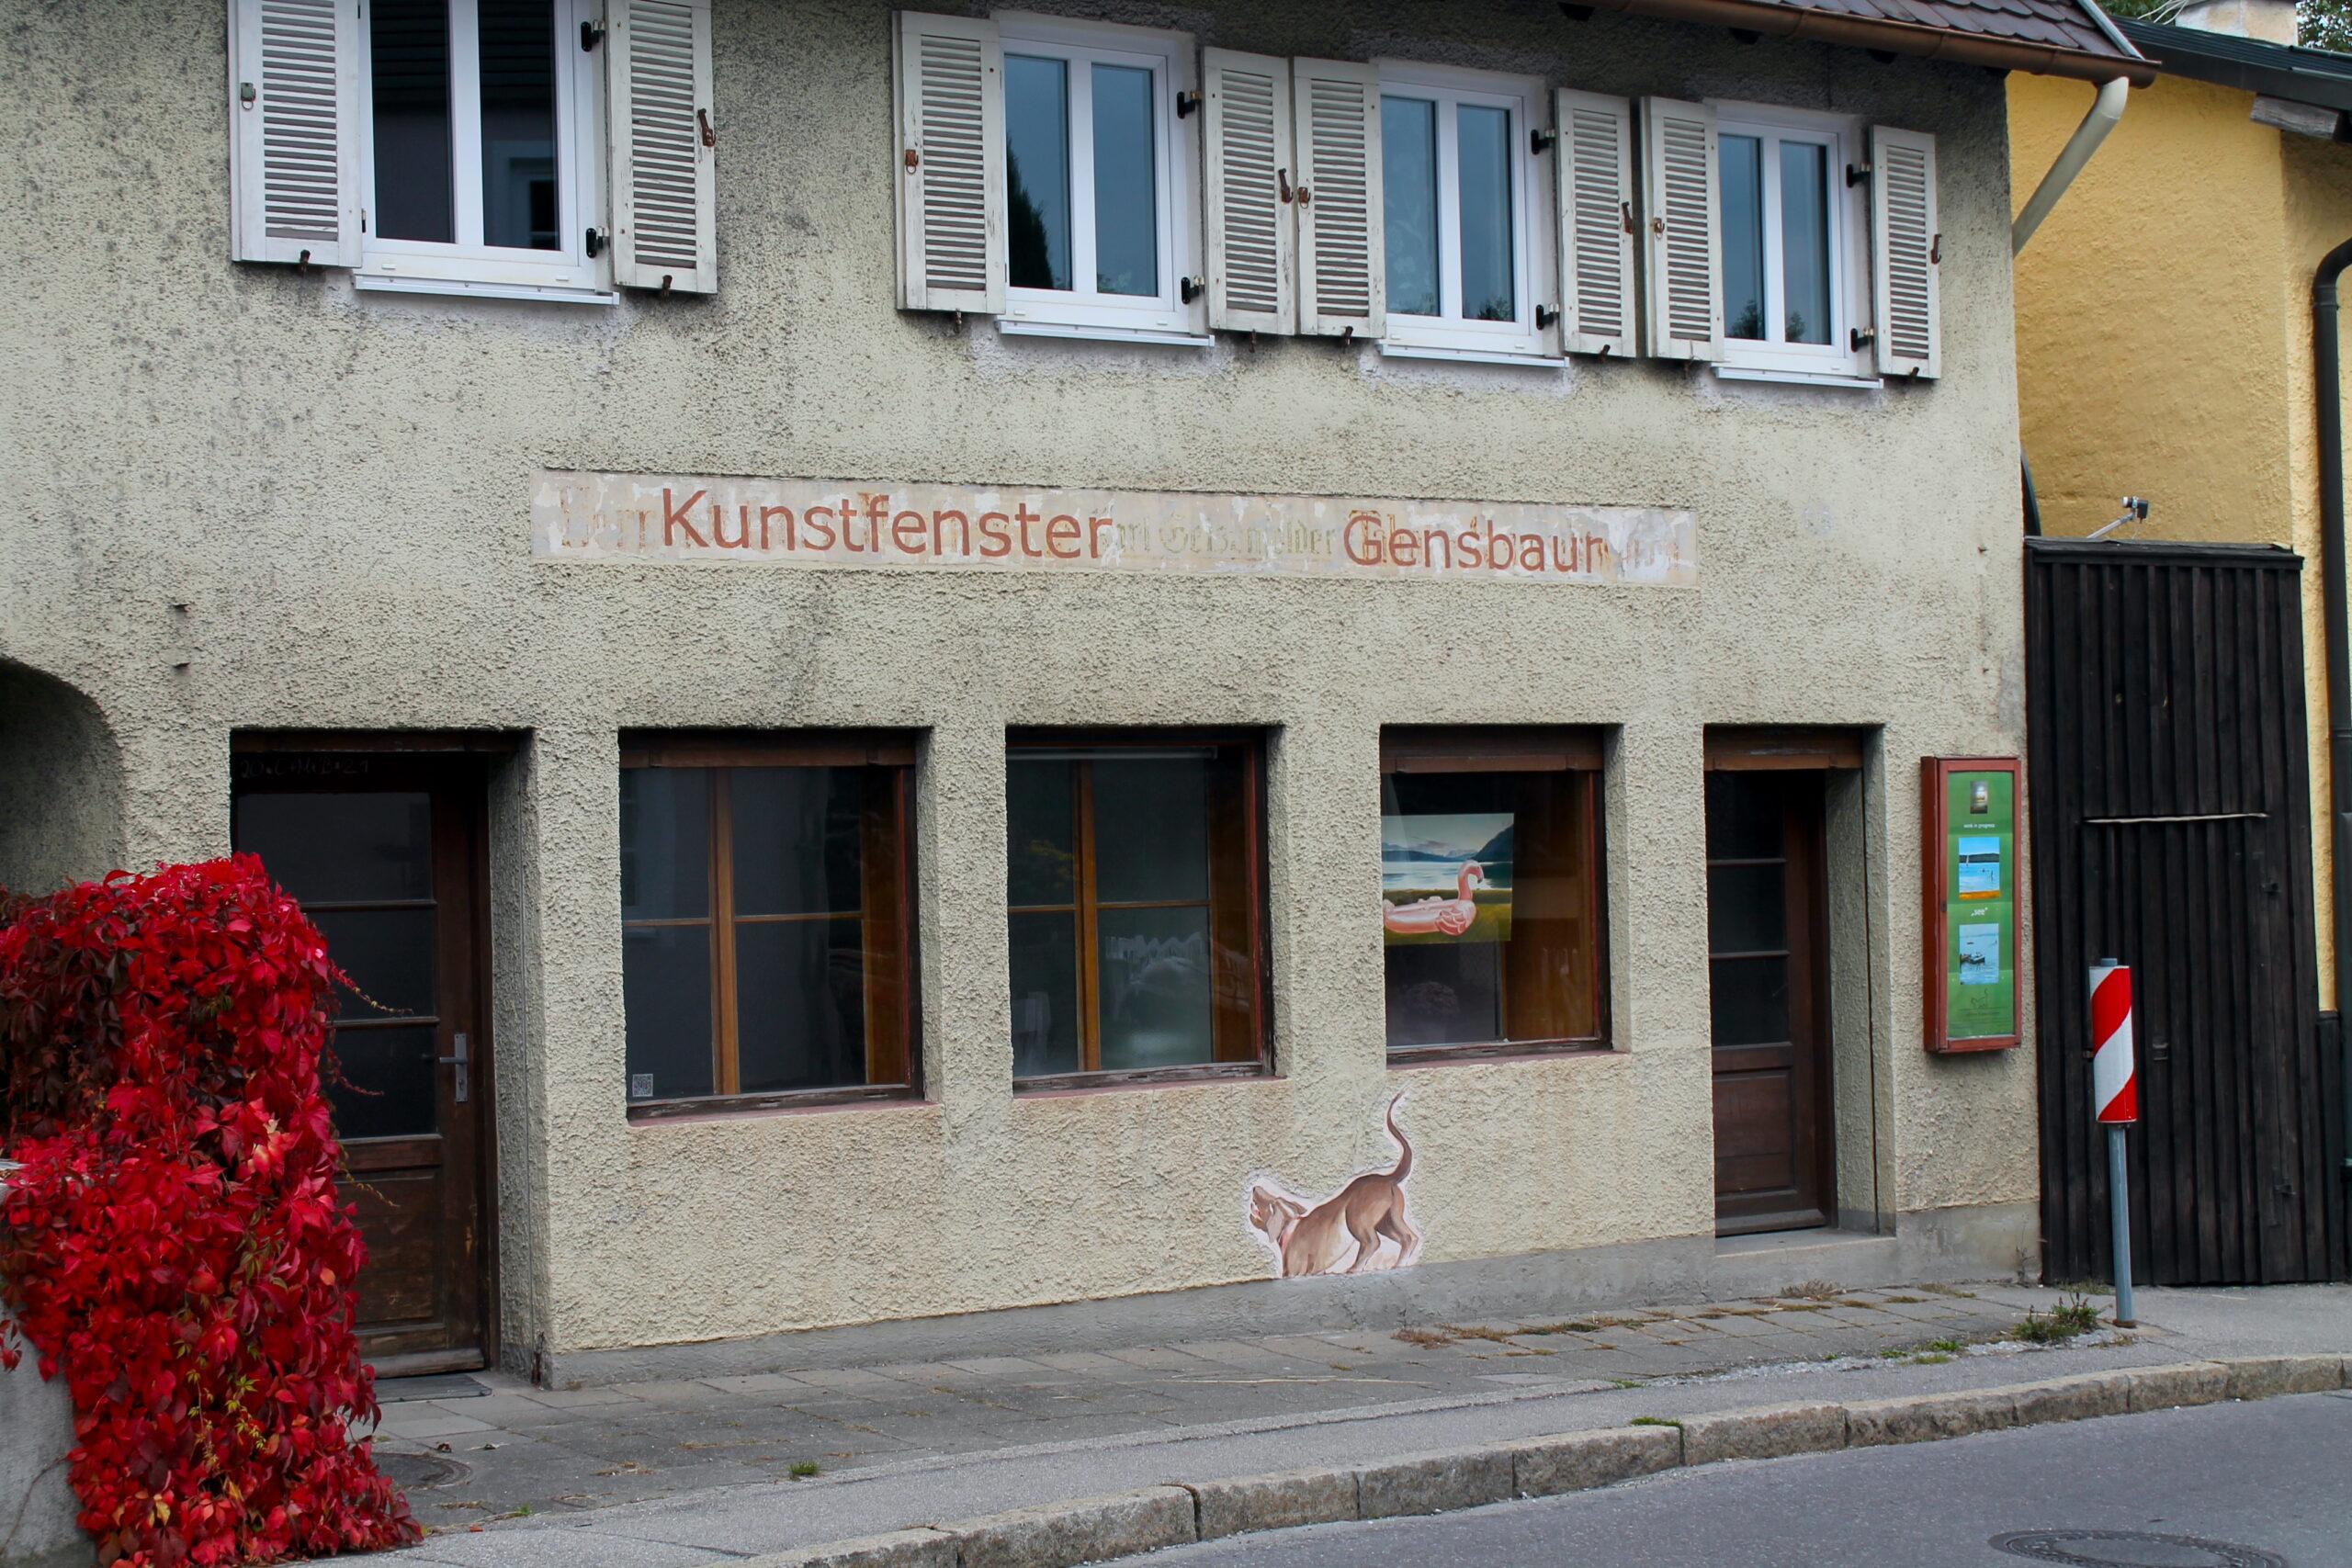 Der Bergmüller-Hund am Kunstfenster